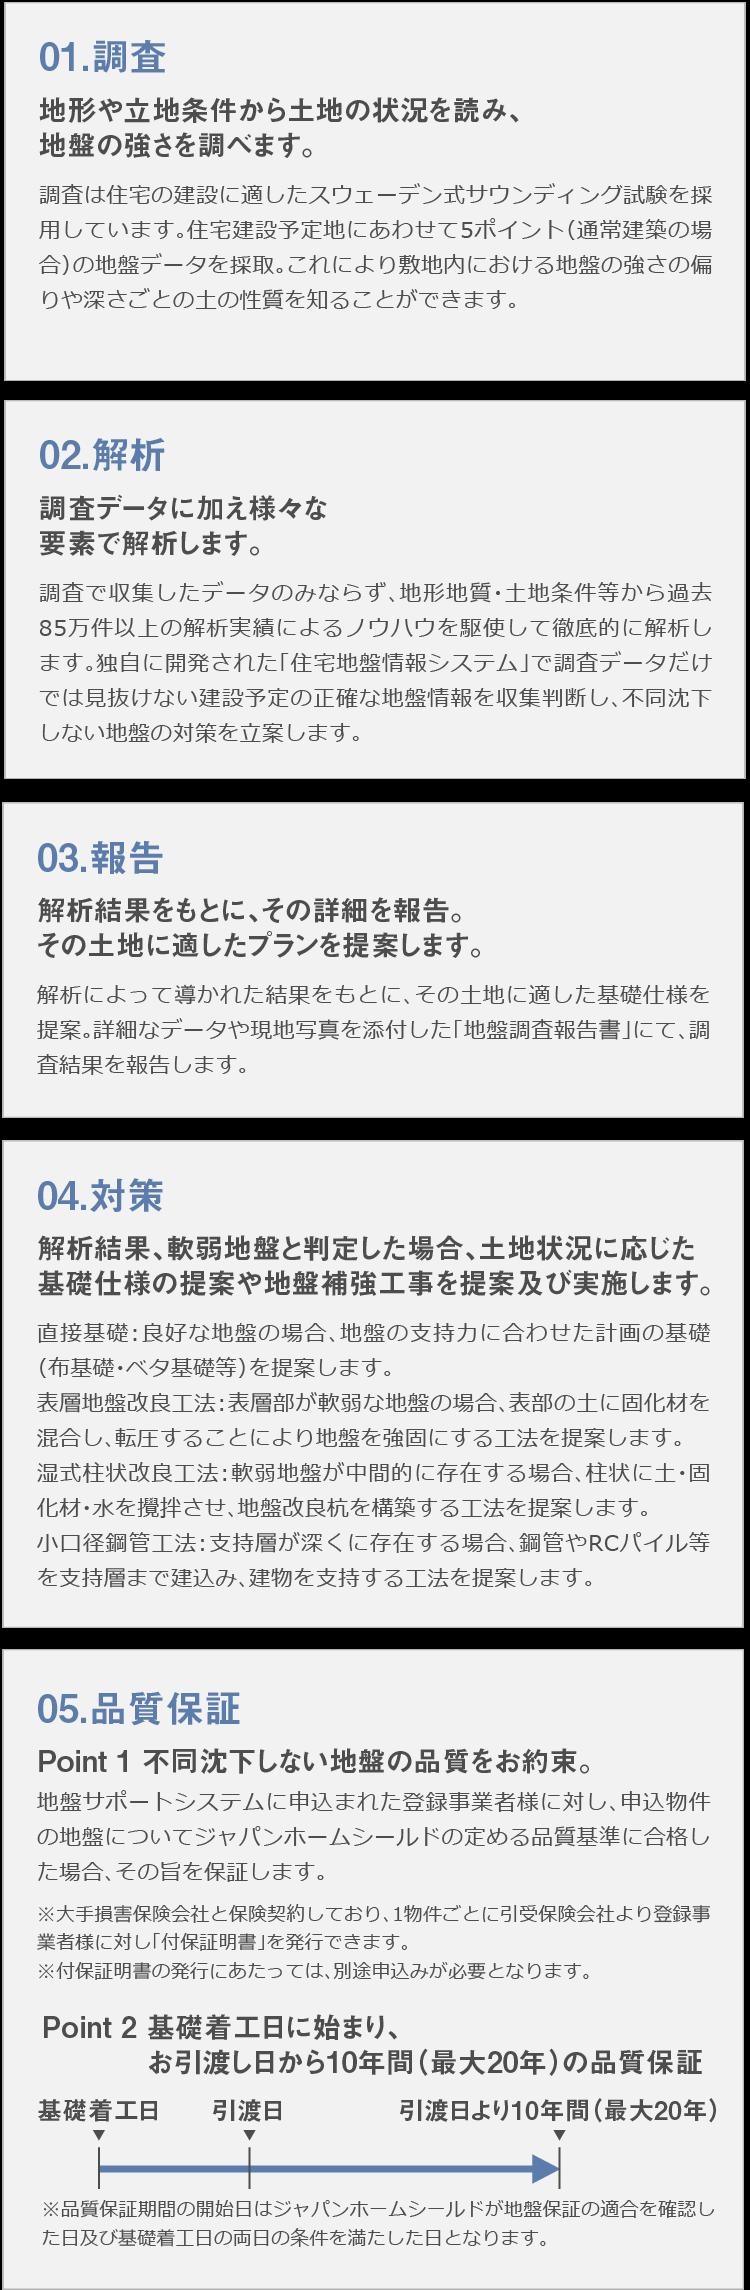 01.調査 02.解析 03.報告 04.対策 05.品質保証